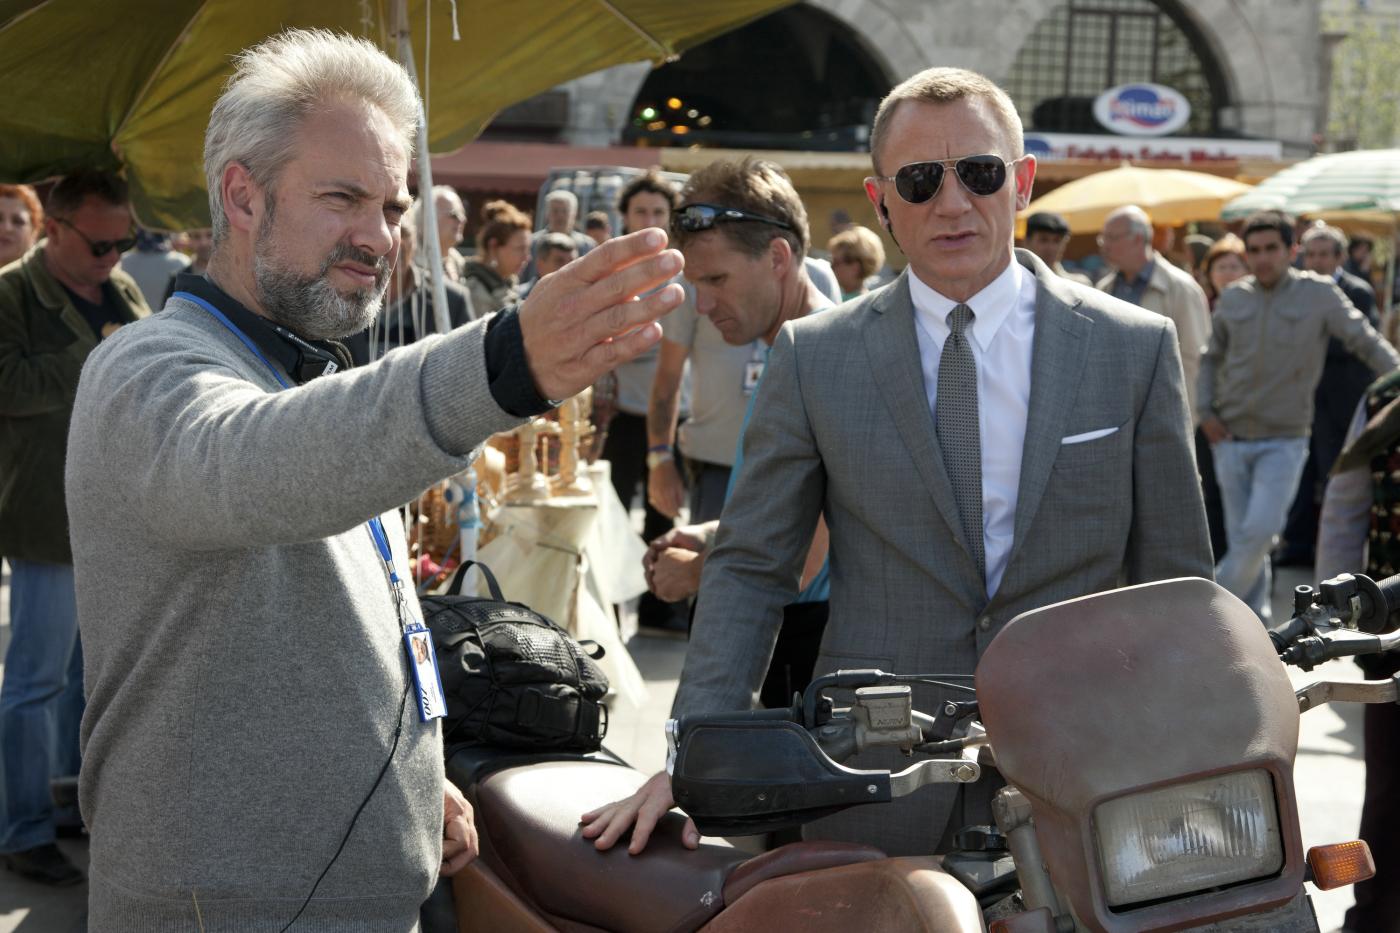 Regisseur SAM MENDES und DANIEL CRAIG während der Dreharbeiten am Set von Sony Pictures\' SKYFALL. © 2012 Sony Pictures Releasing GmbH